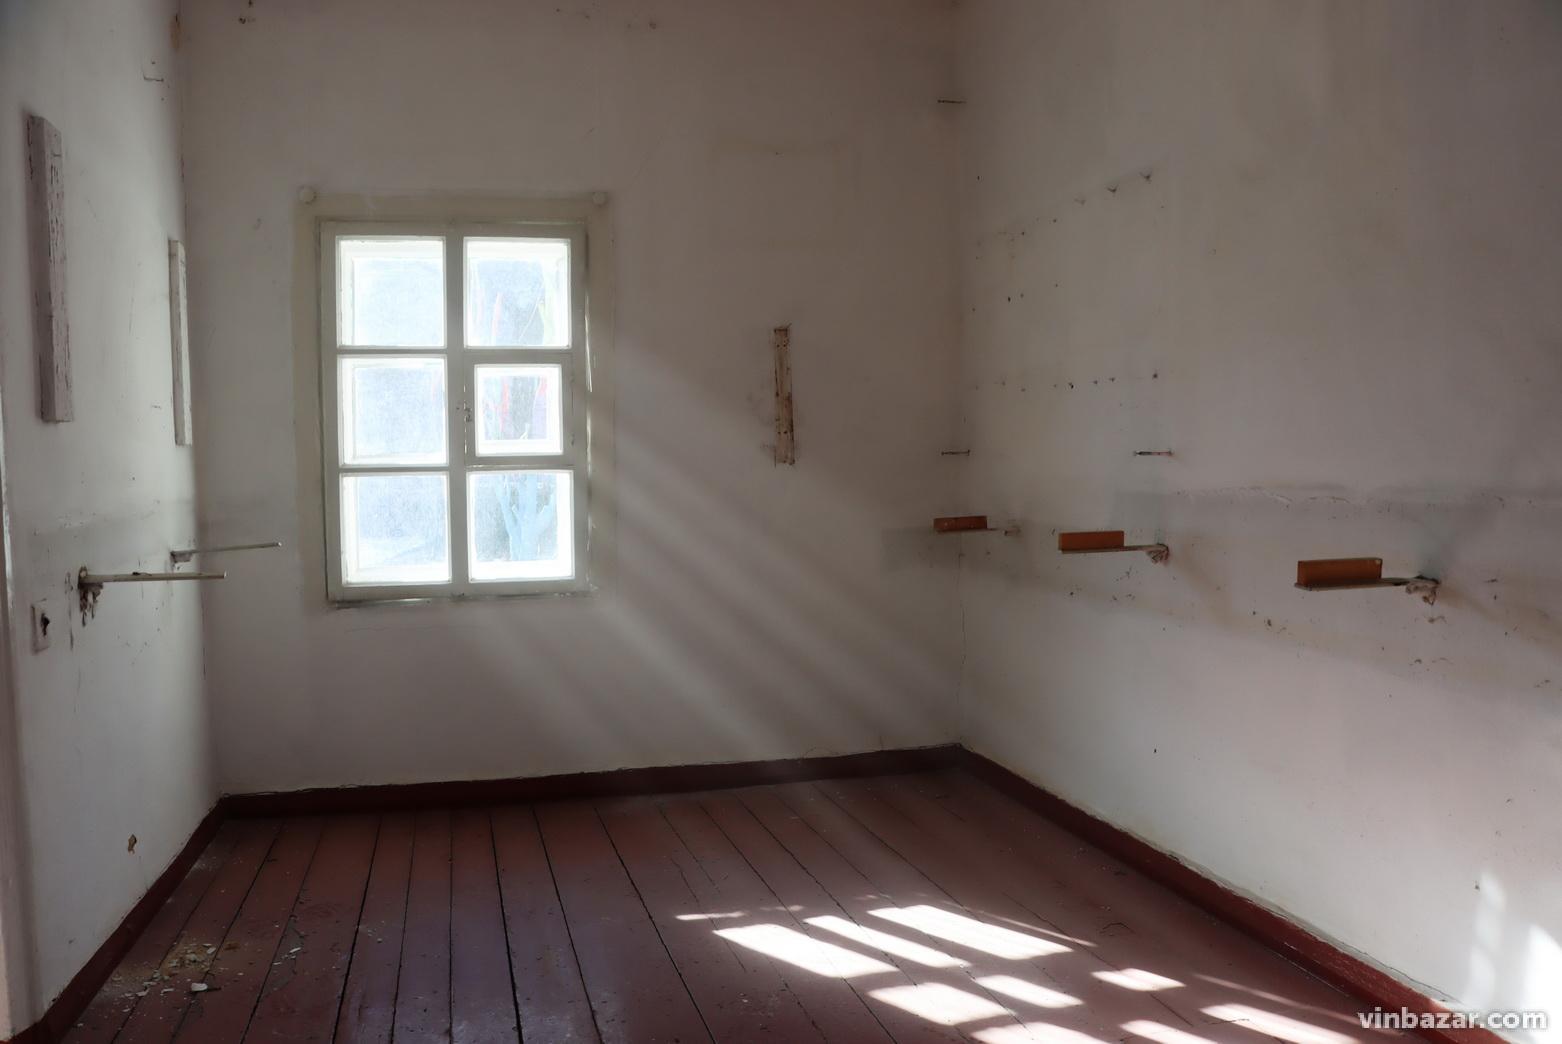 Музей Коцюбинського закрили на ремонт. Що планують реставрувати? (Фото)